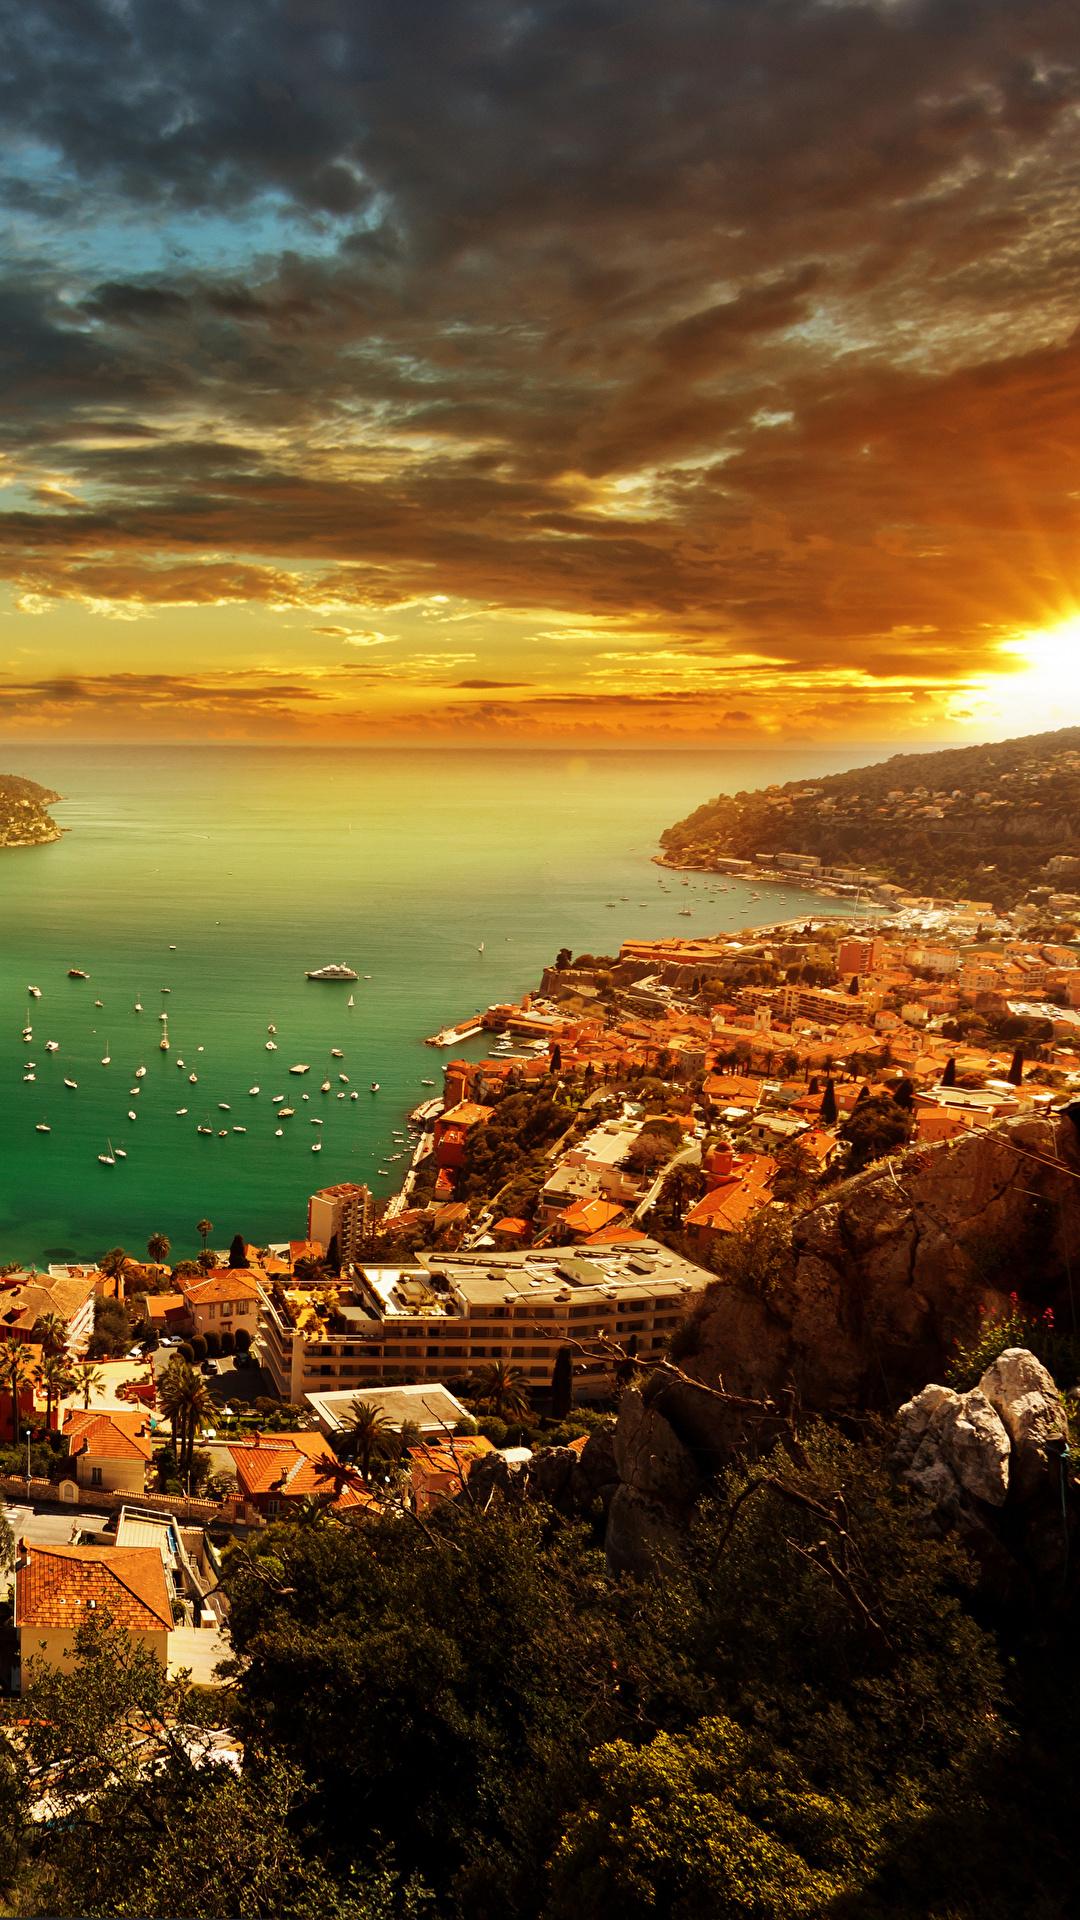 Fotos Monaco French Riviera Himmel Landschaftsfotografie Morgendämmerung und Sonnenuntergang Küste Haus Wolke Städte 1080x1920 für Handy Sonnenaufgänge und Sonnenuntergänge Gebäude